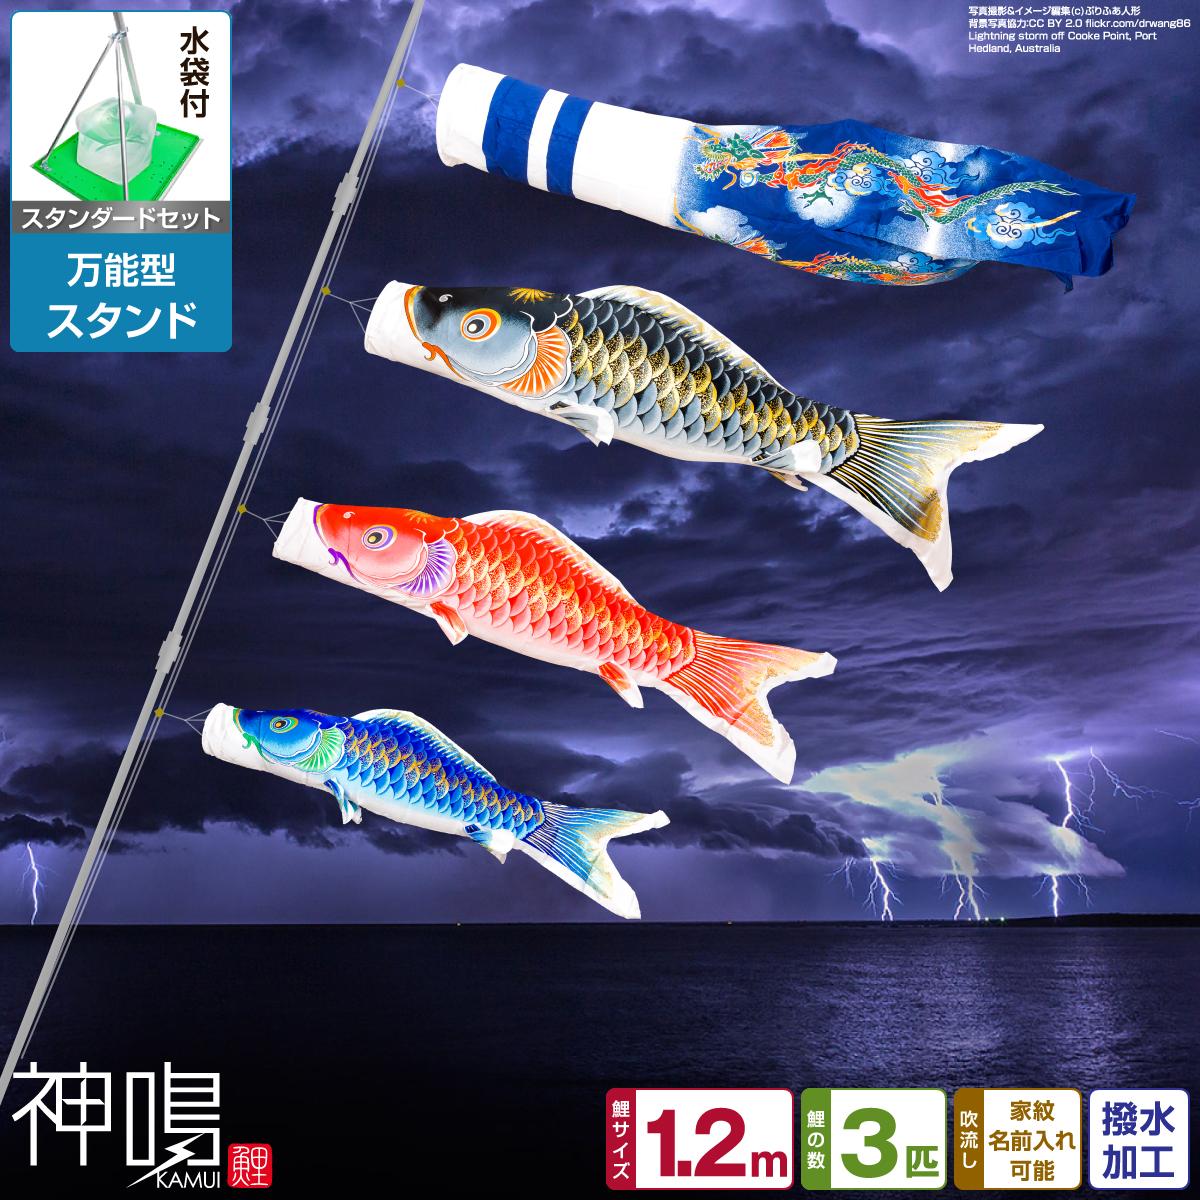 鯉のぼり ベランダ/庭/兼用 神鳴鯉-KAMUI- 1.2m 6点(吹流し+鯉3匹+矢車+ロープ)/スタンダードセット(万能スタンド)